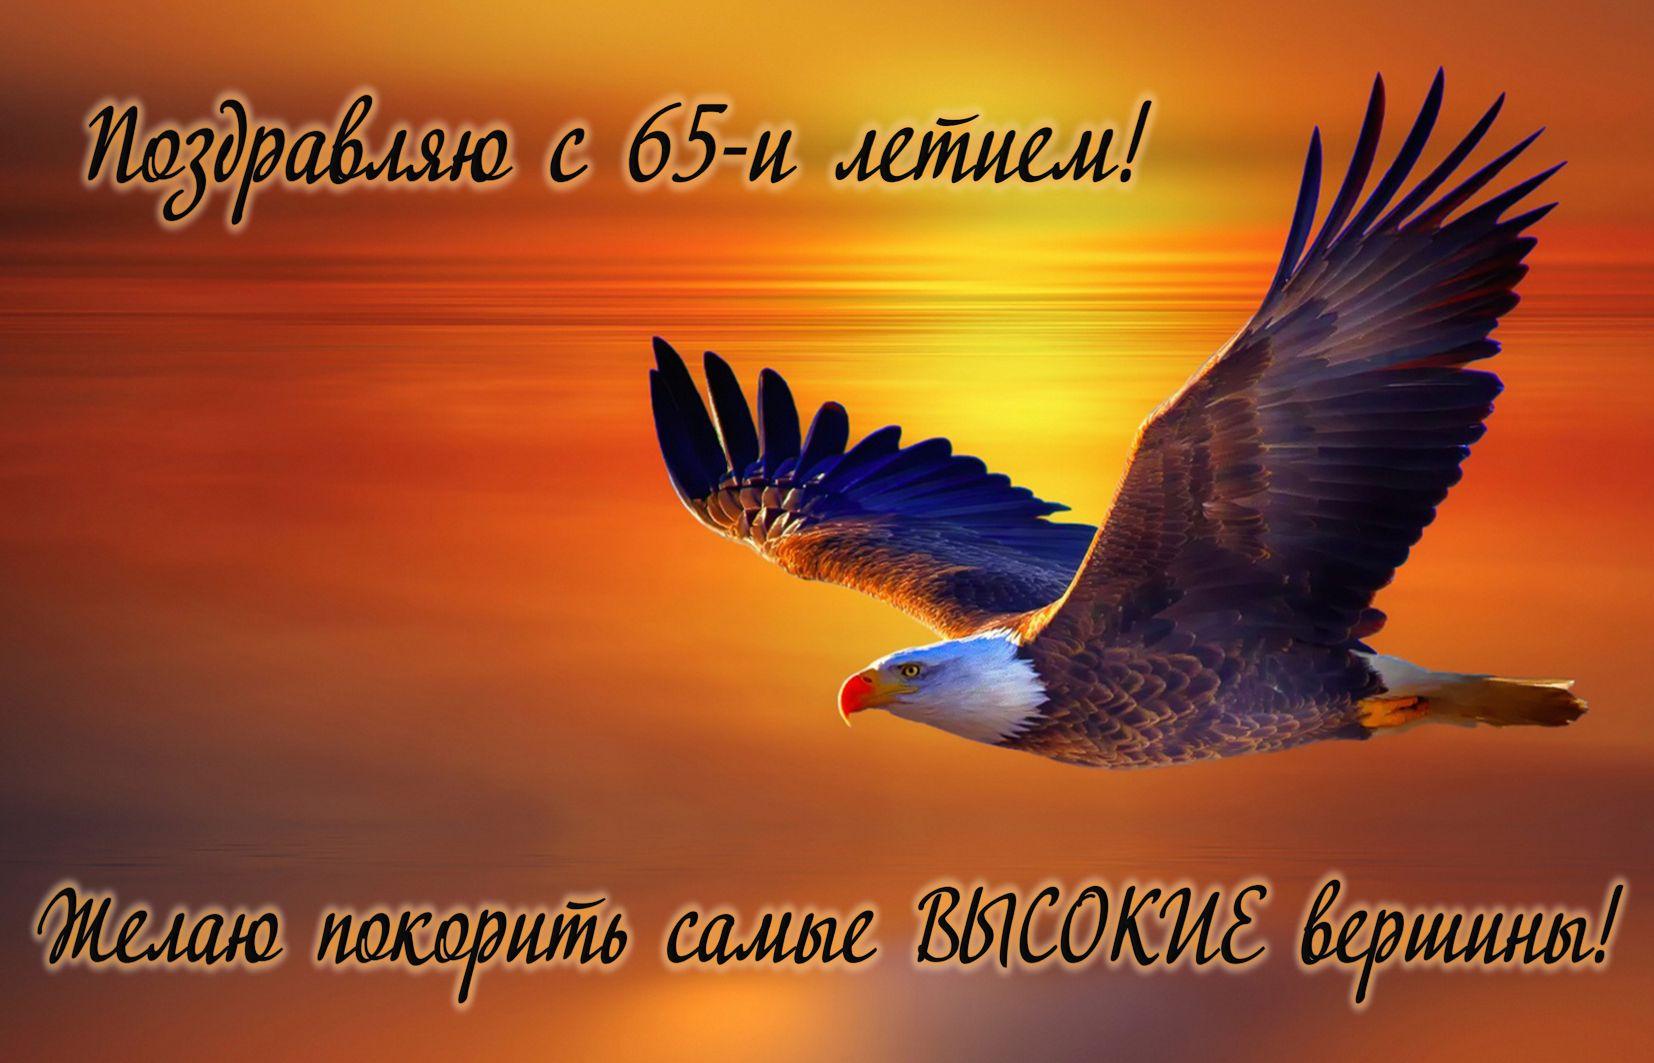 Открытка на юбилей 65 лет - парящий в золотистом небе орел